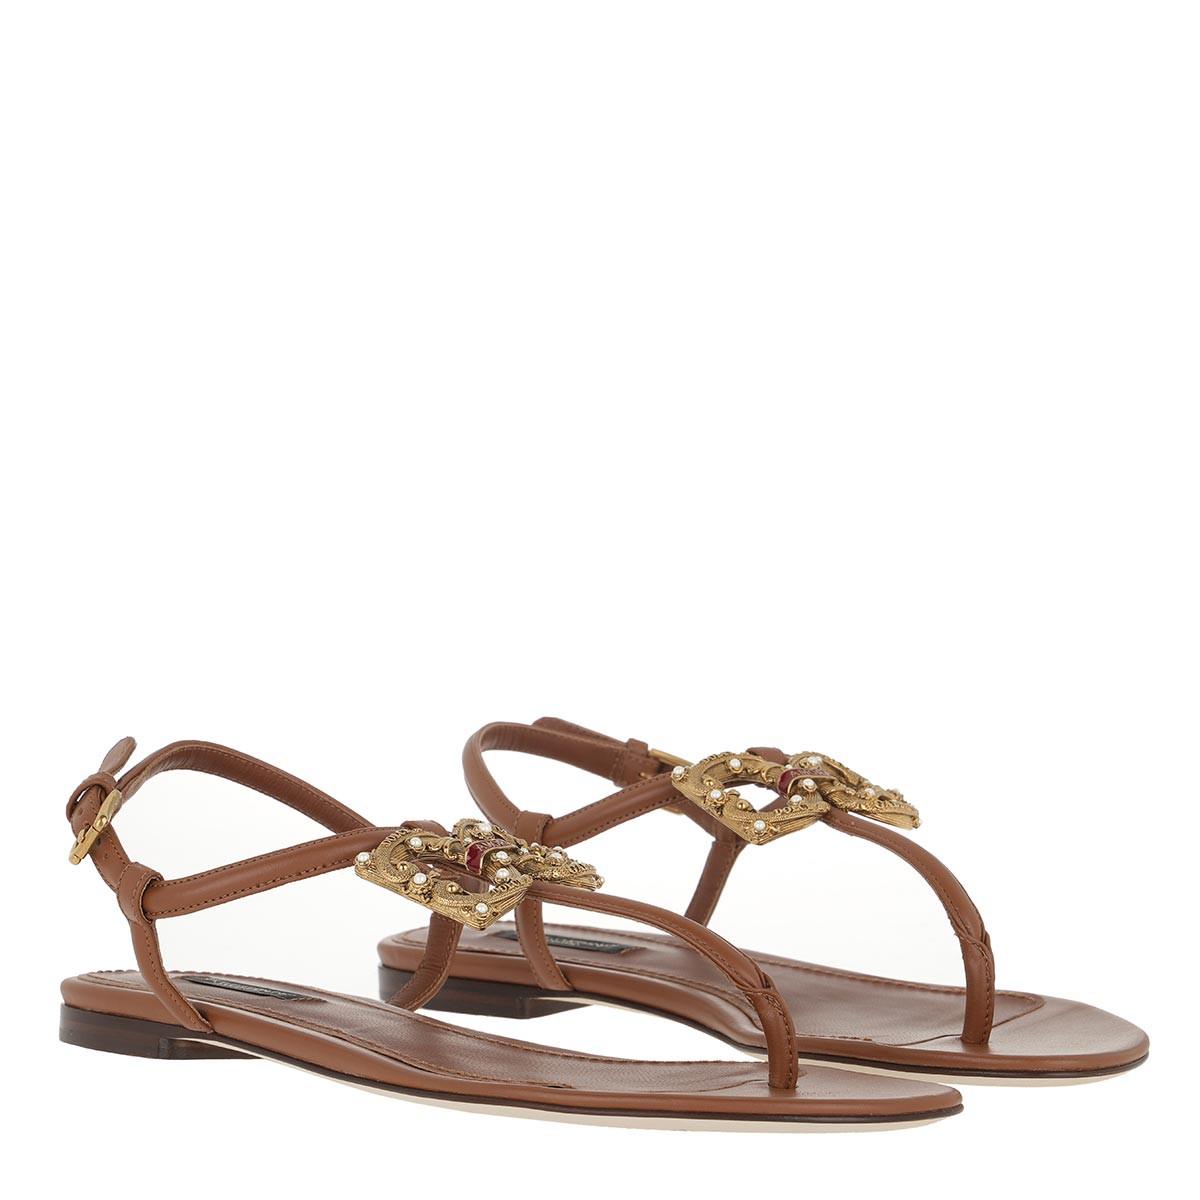 Dolce&Gabbana Sandalen - Logo Thong Sandals Leather Brown - in braun - für Damen